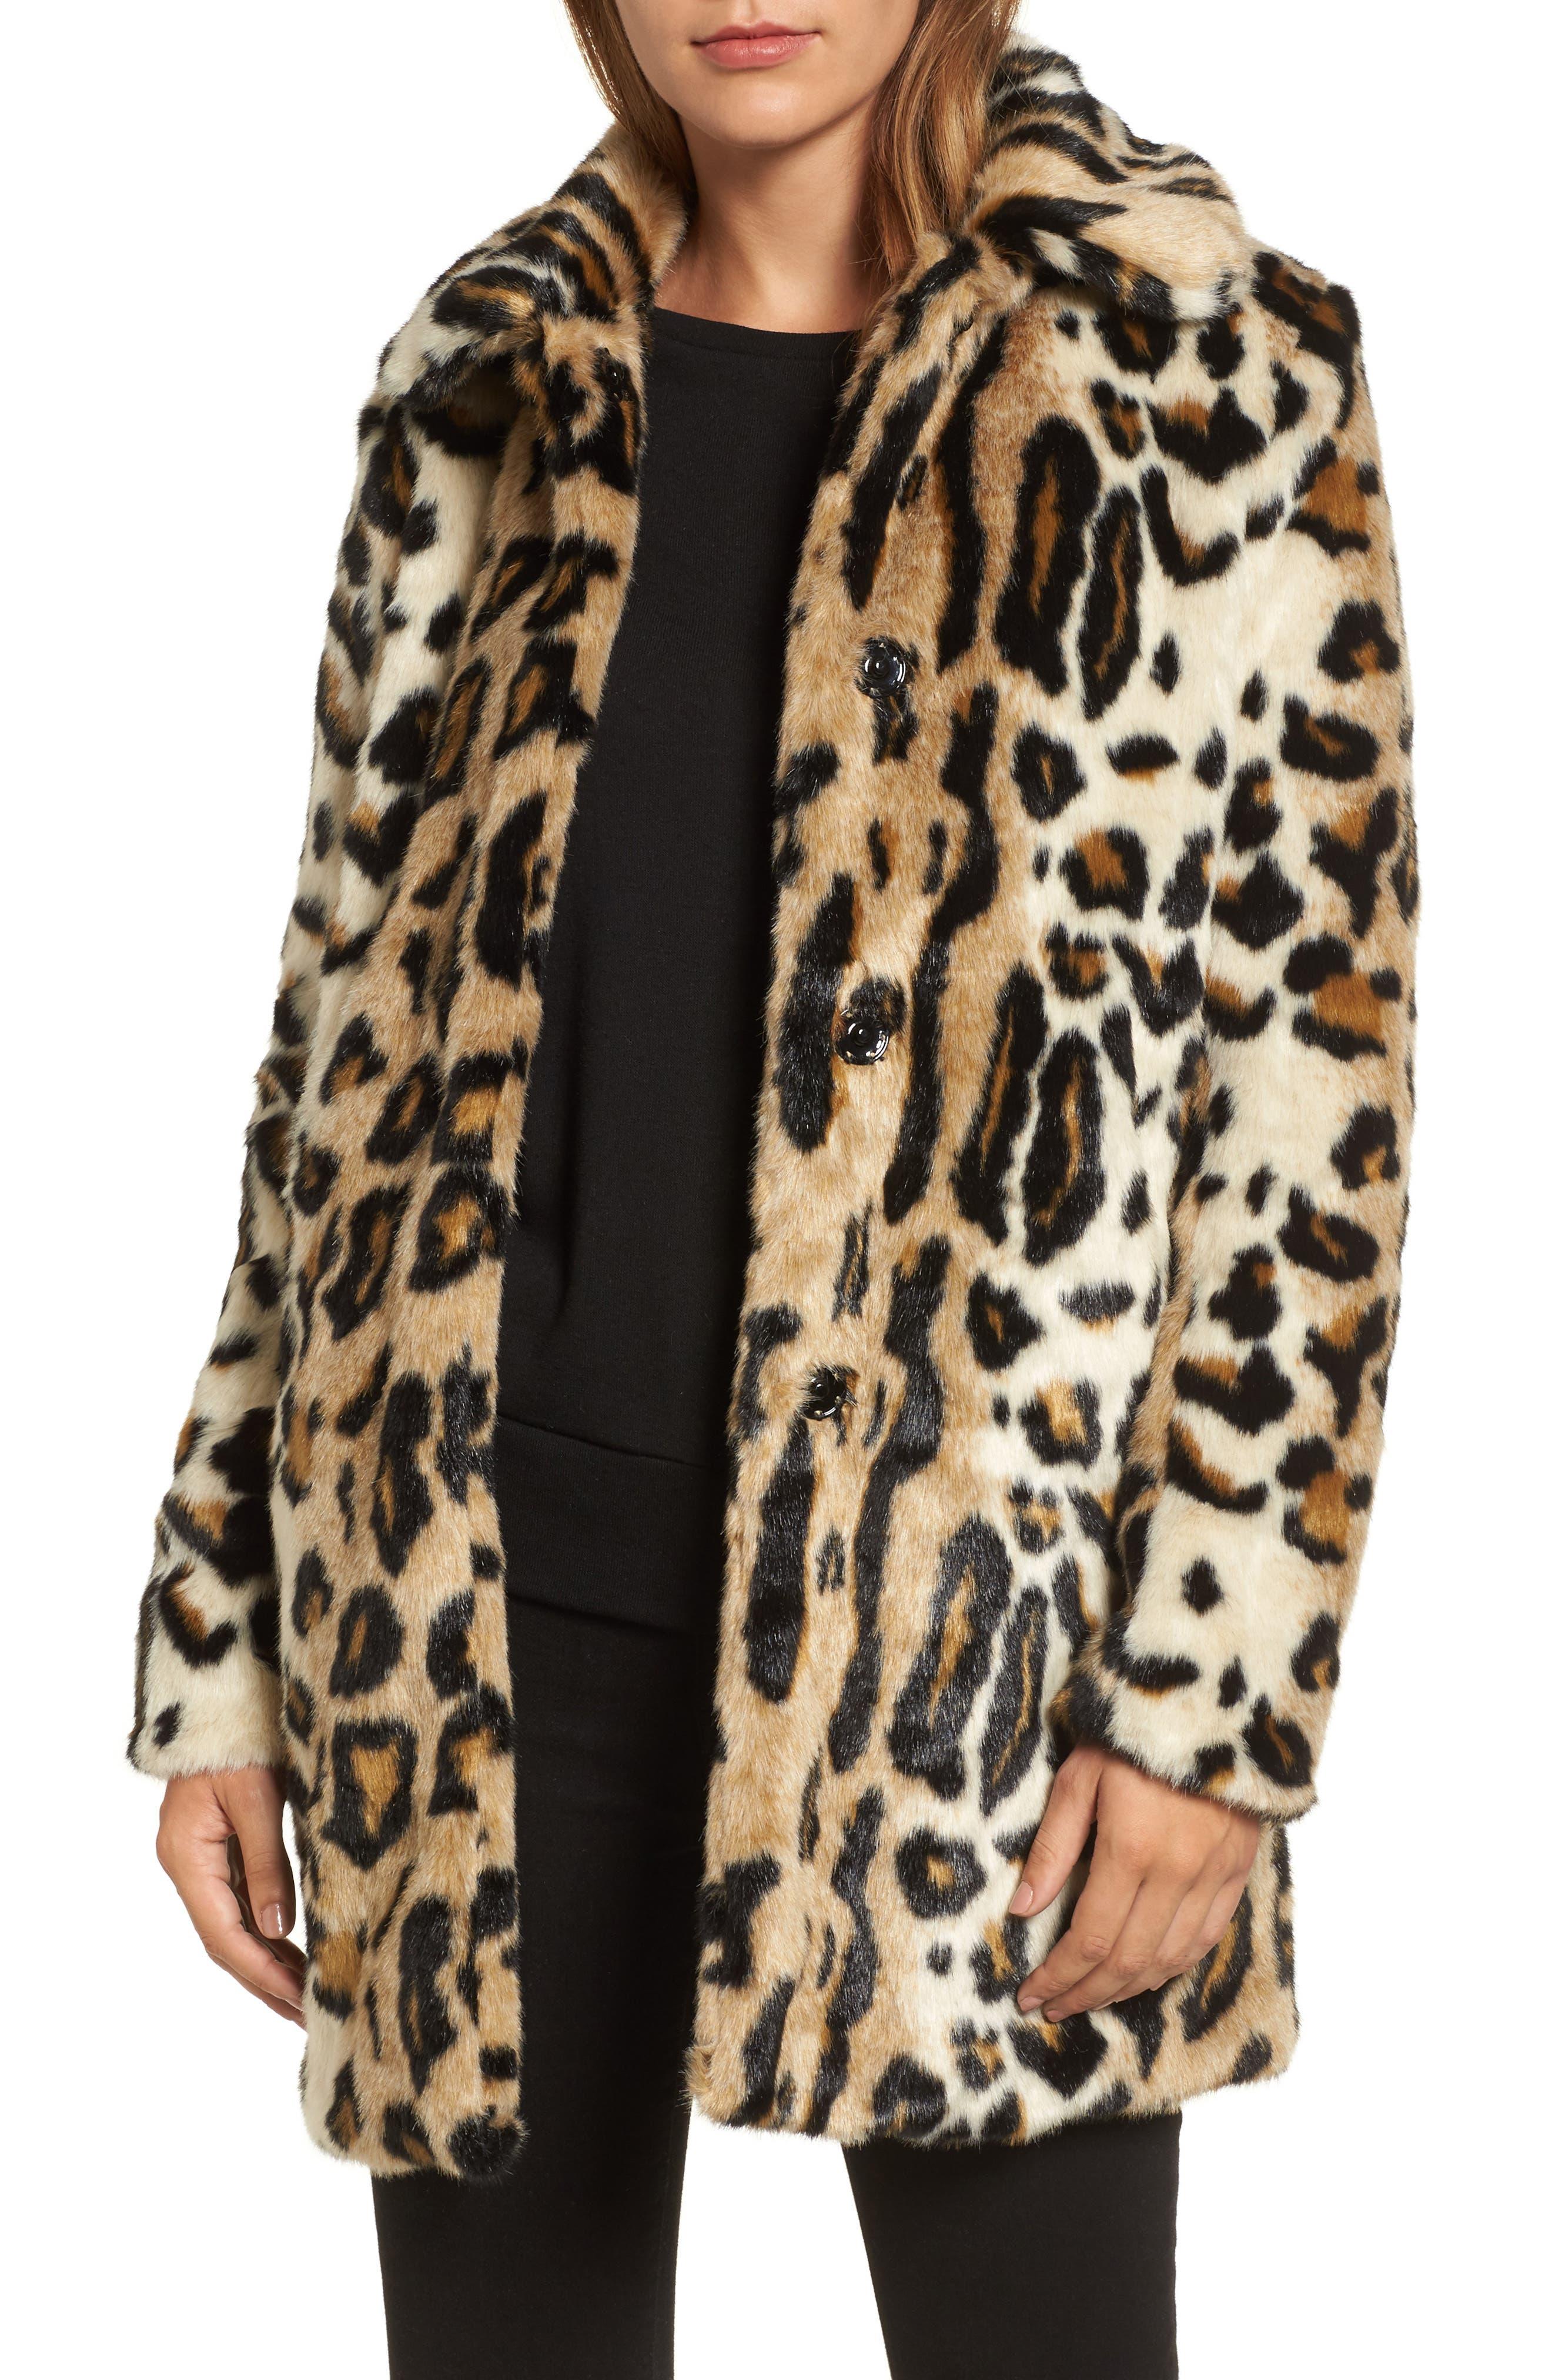 Kensie Leopard Spot Faux Fur Coat